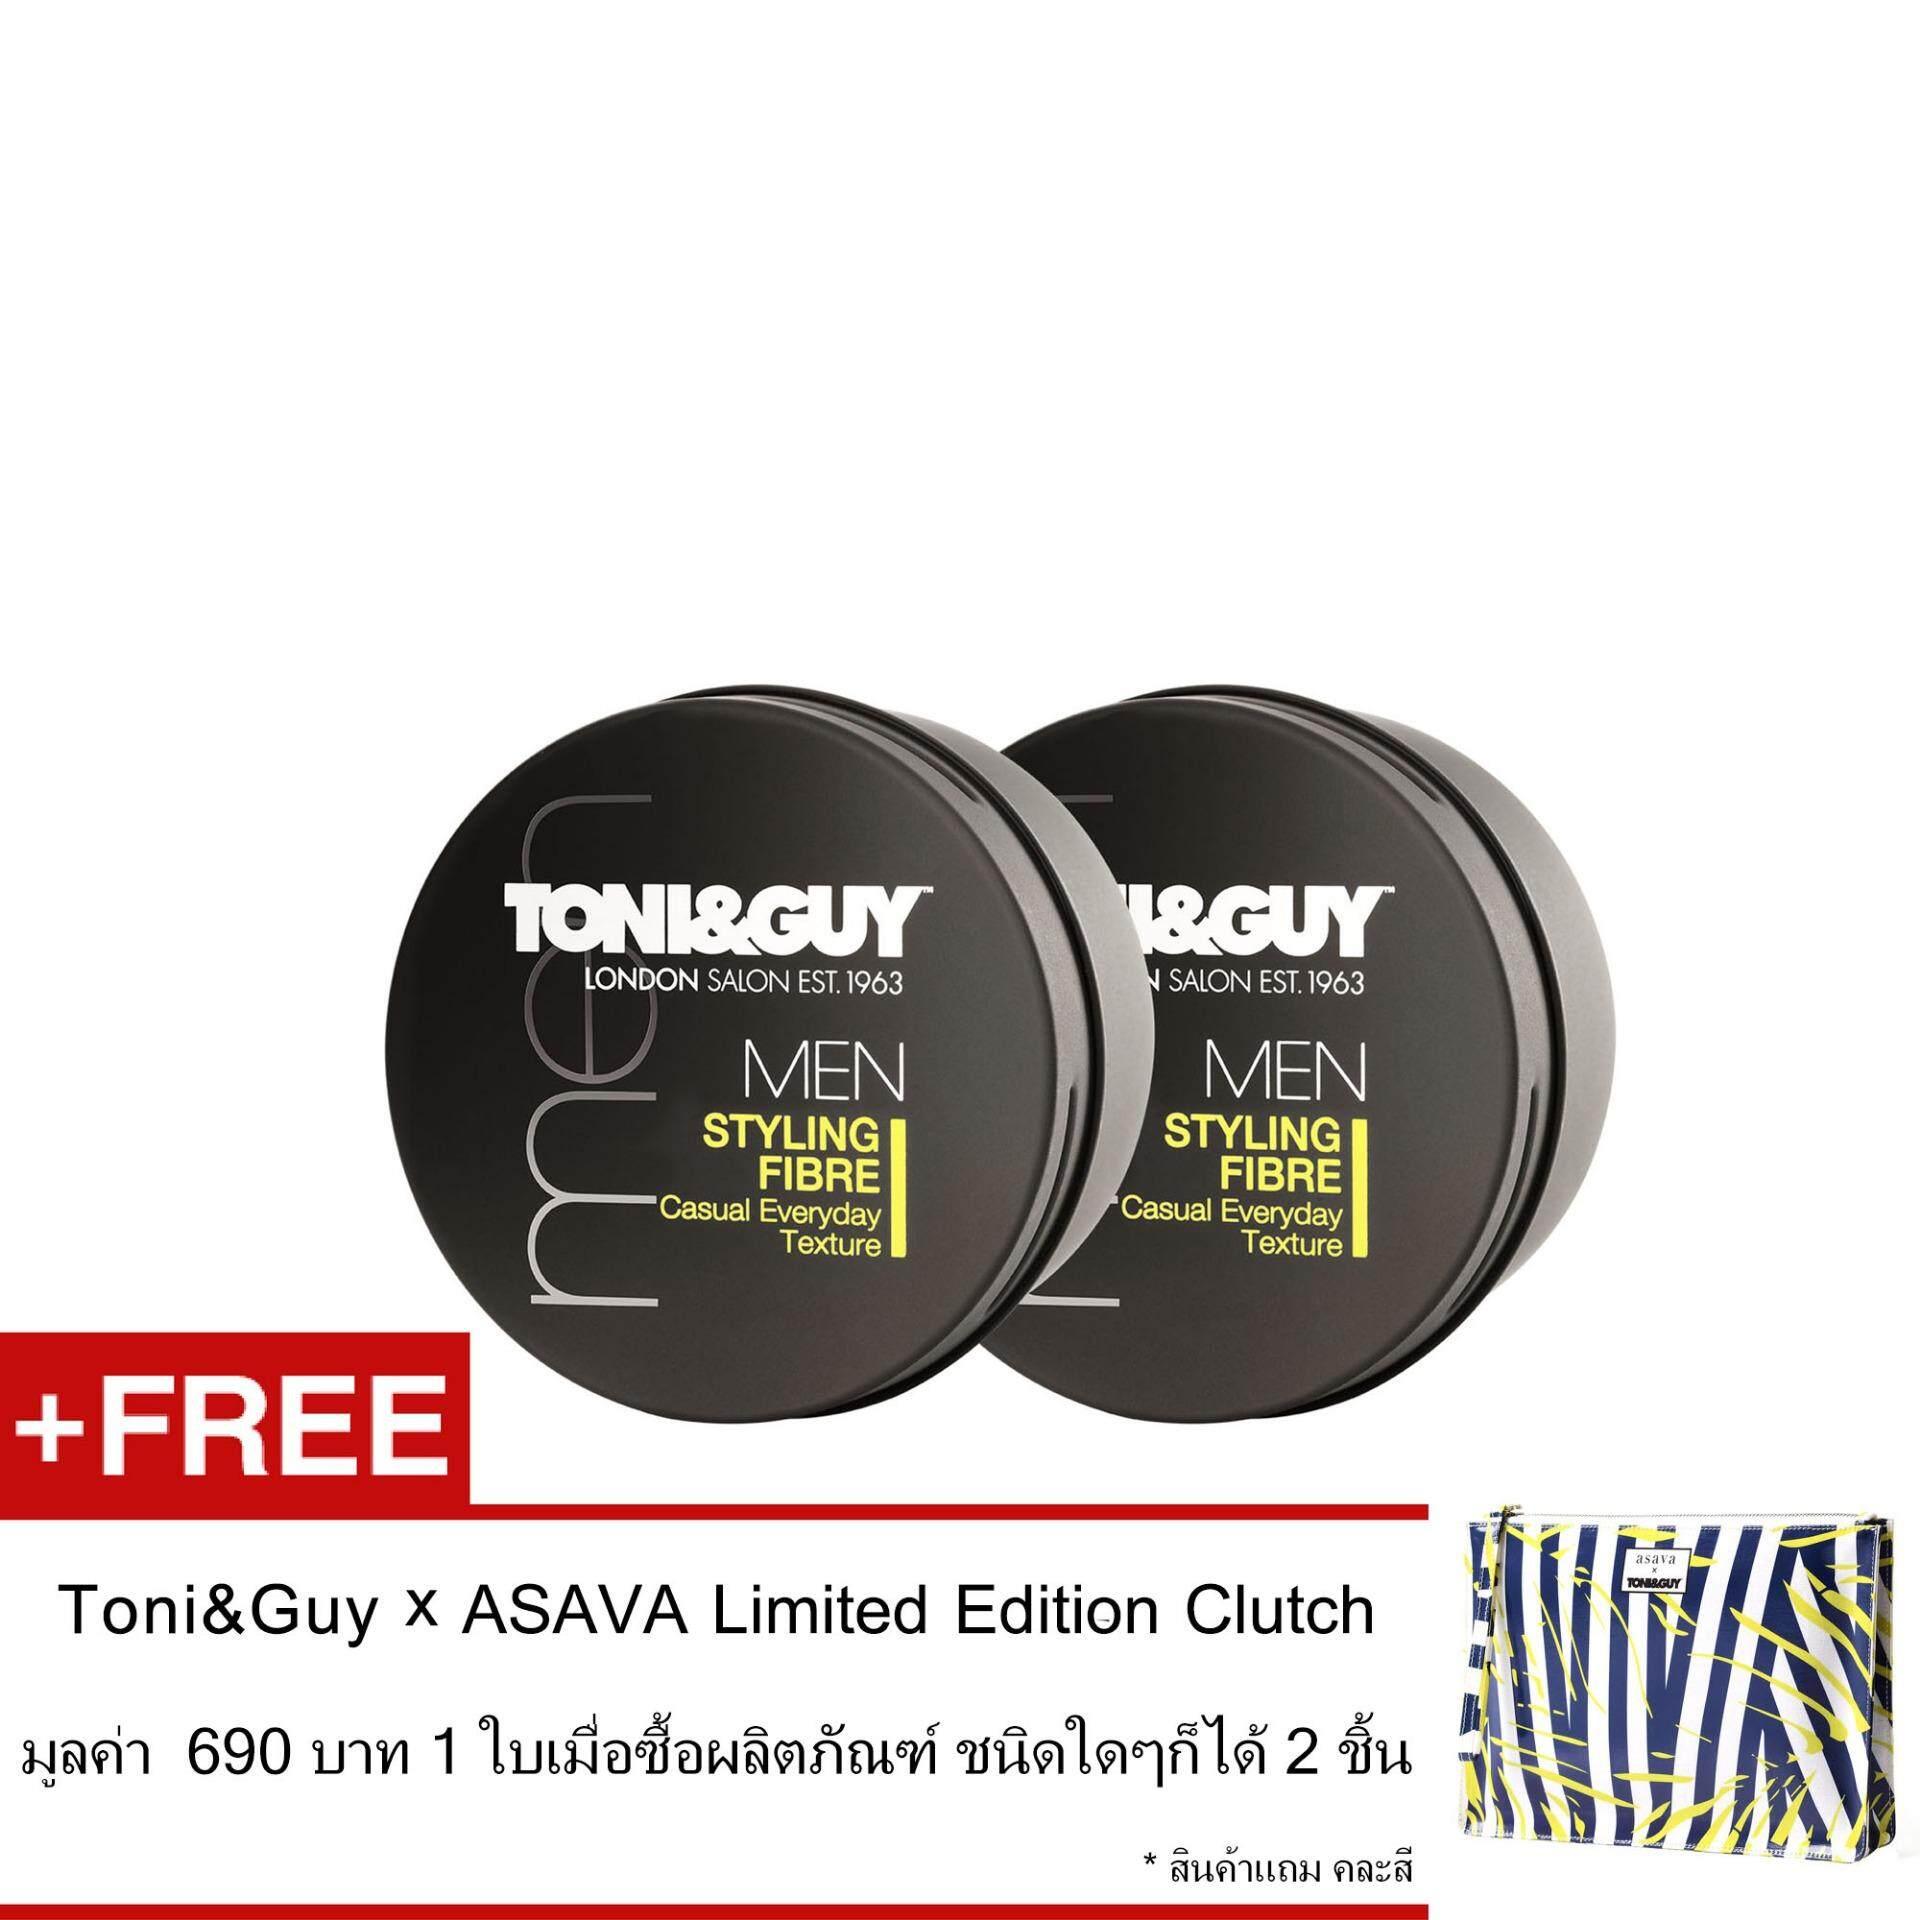 ราคา Set Toni Guy Men Styling Fibre 55G X 2 Free Clutch เป็นต้นฉบับ